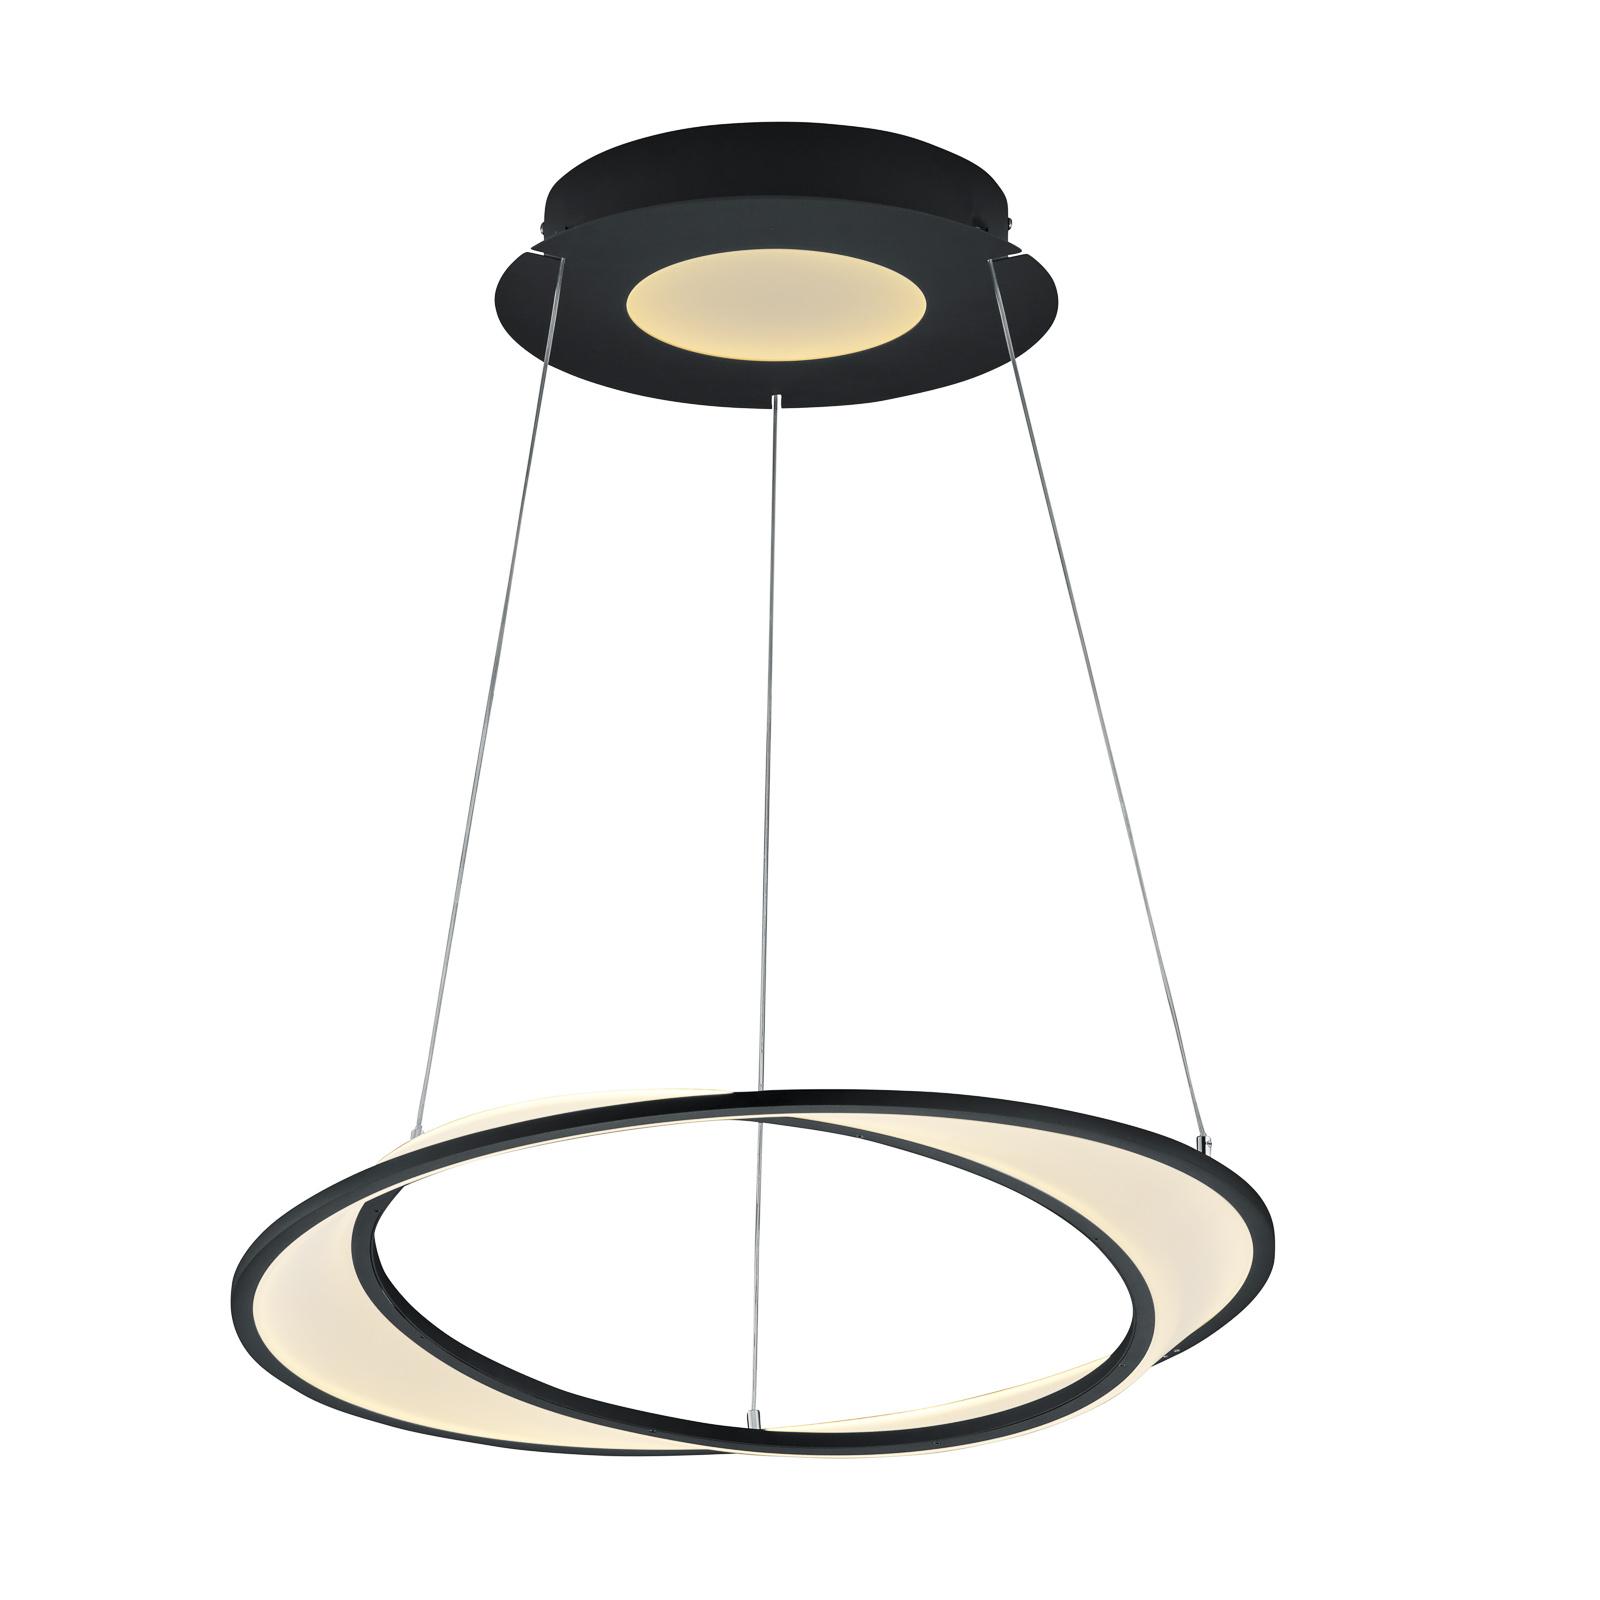 B-Leuchten Aurora LED-Pendelleuchte, schwarz